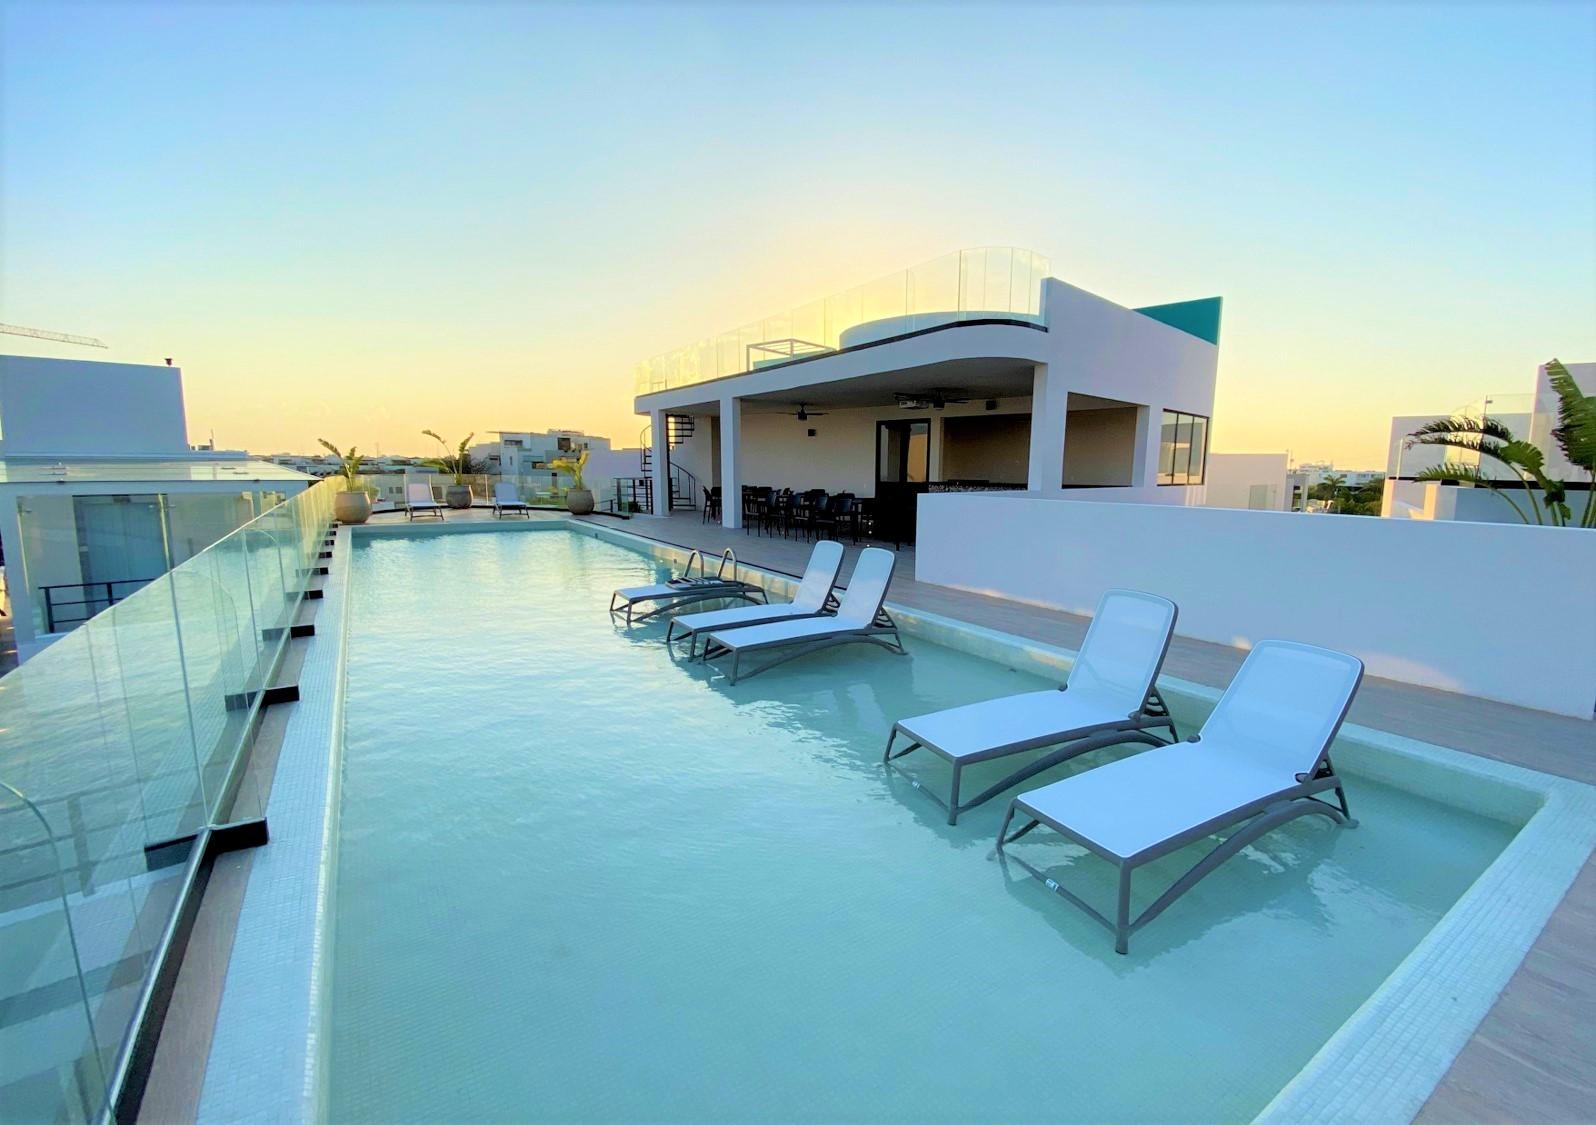 Departamento de 2 recamaras en venta cerca del mar en Riviera Maya Playa del Carmen para inversión